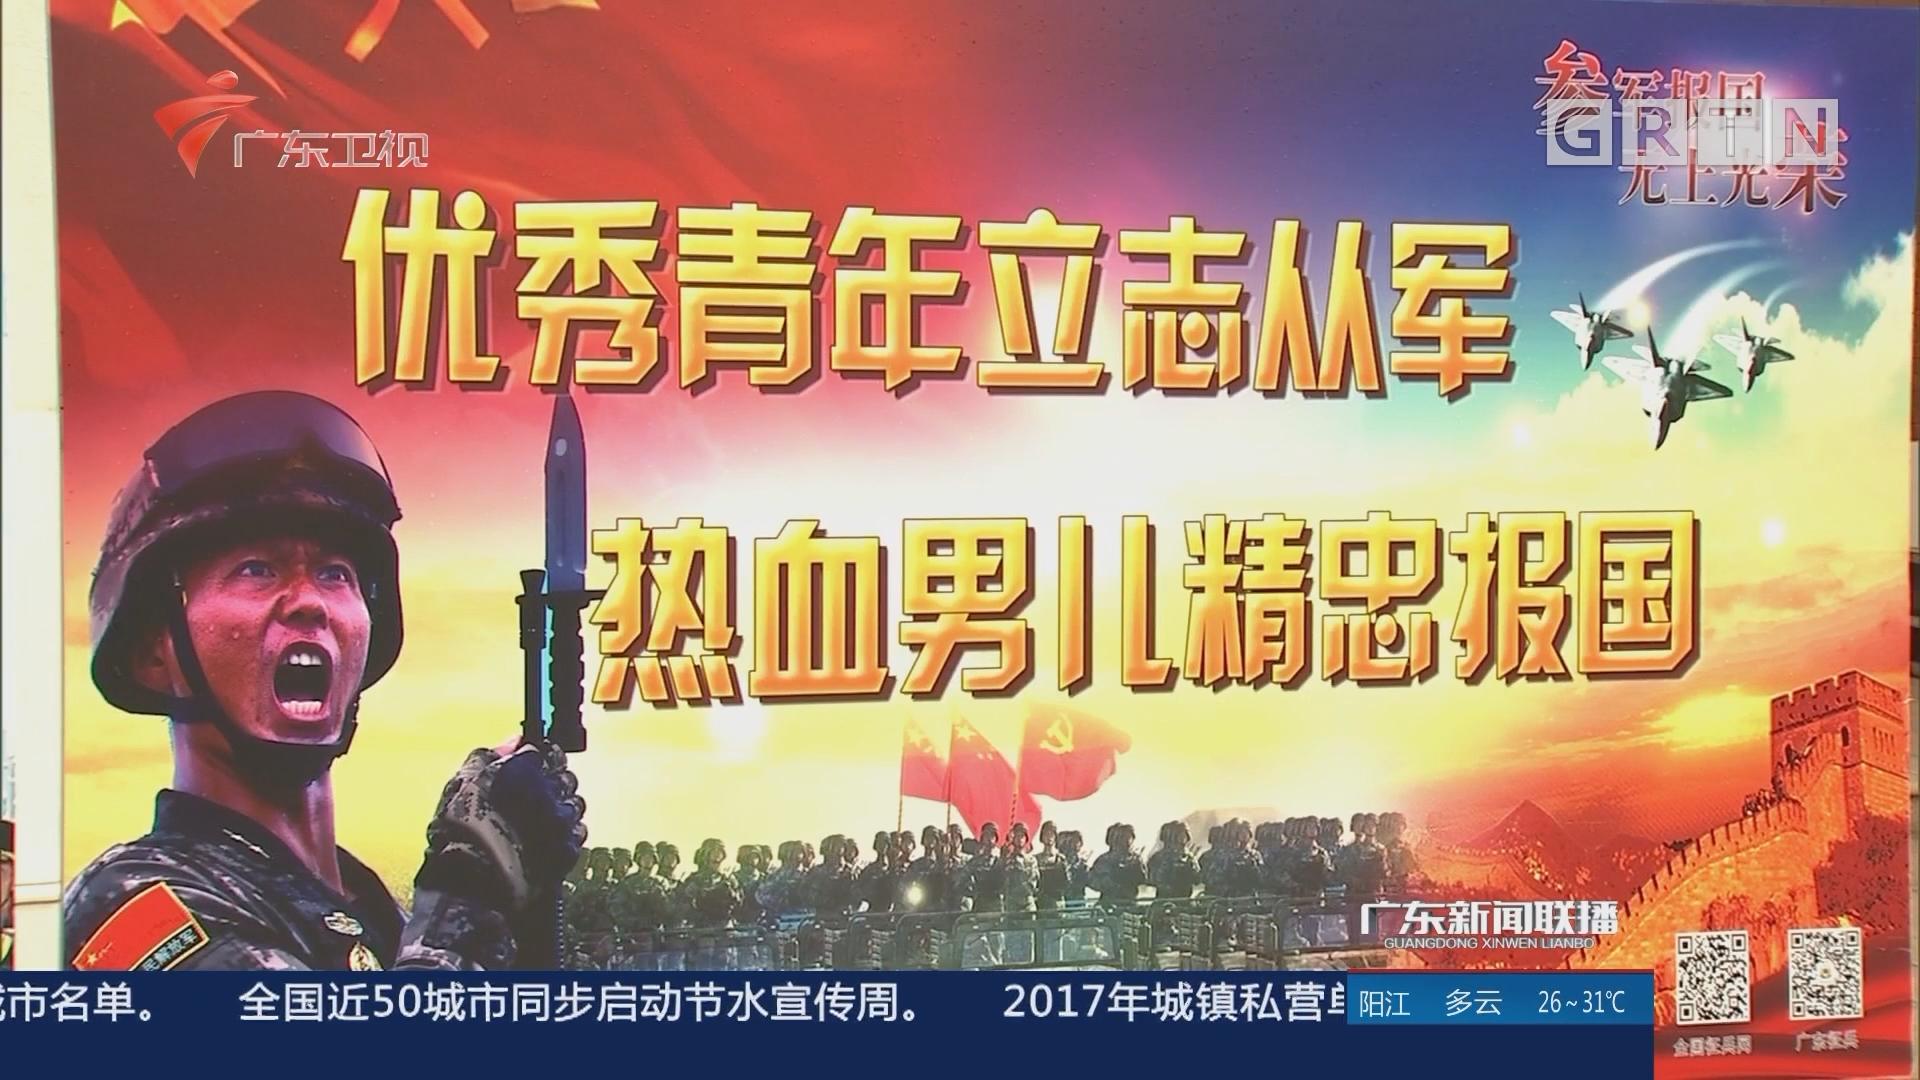 广东开展征兵宣传活动激发适龄青年入伍热情